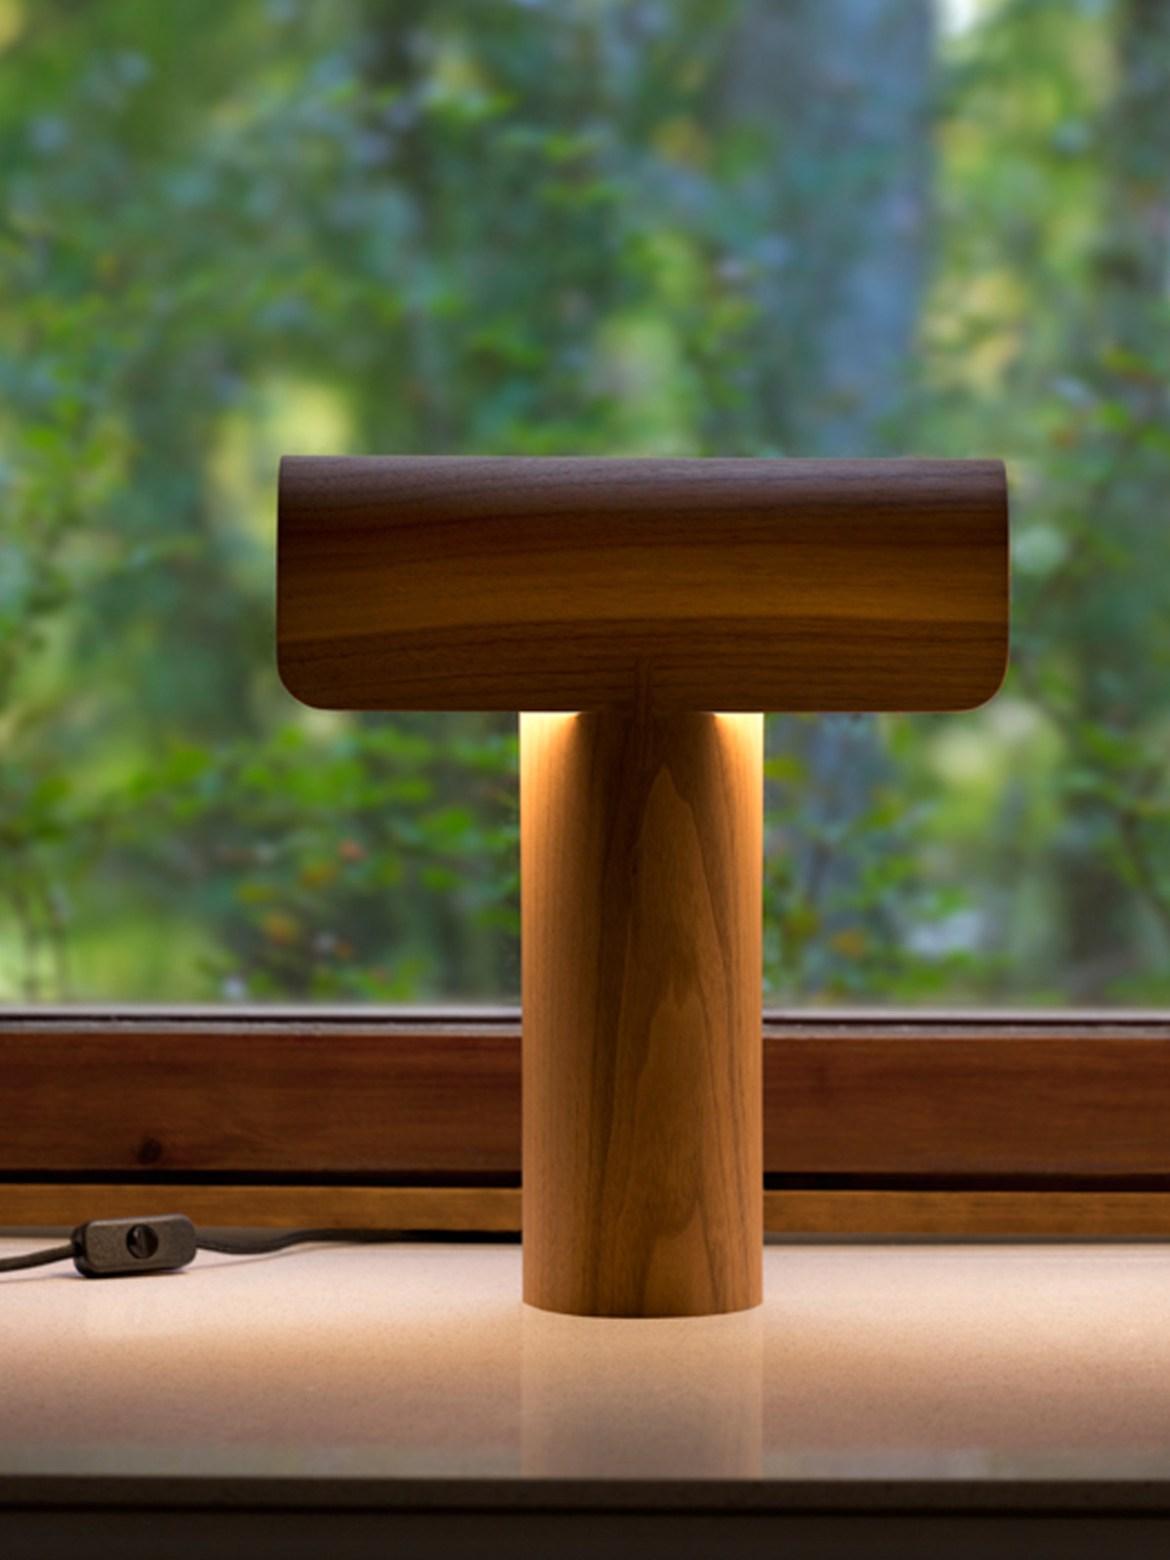 DesignOrt Blog: Neuigkeiten Teelo 8020 Tisch Lampe aus Holz Secto Design